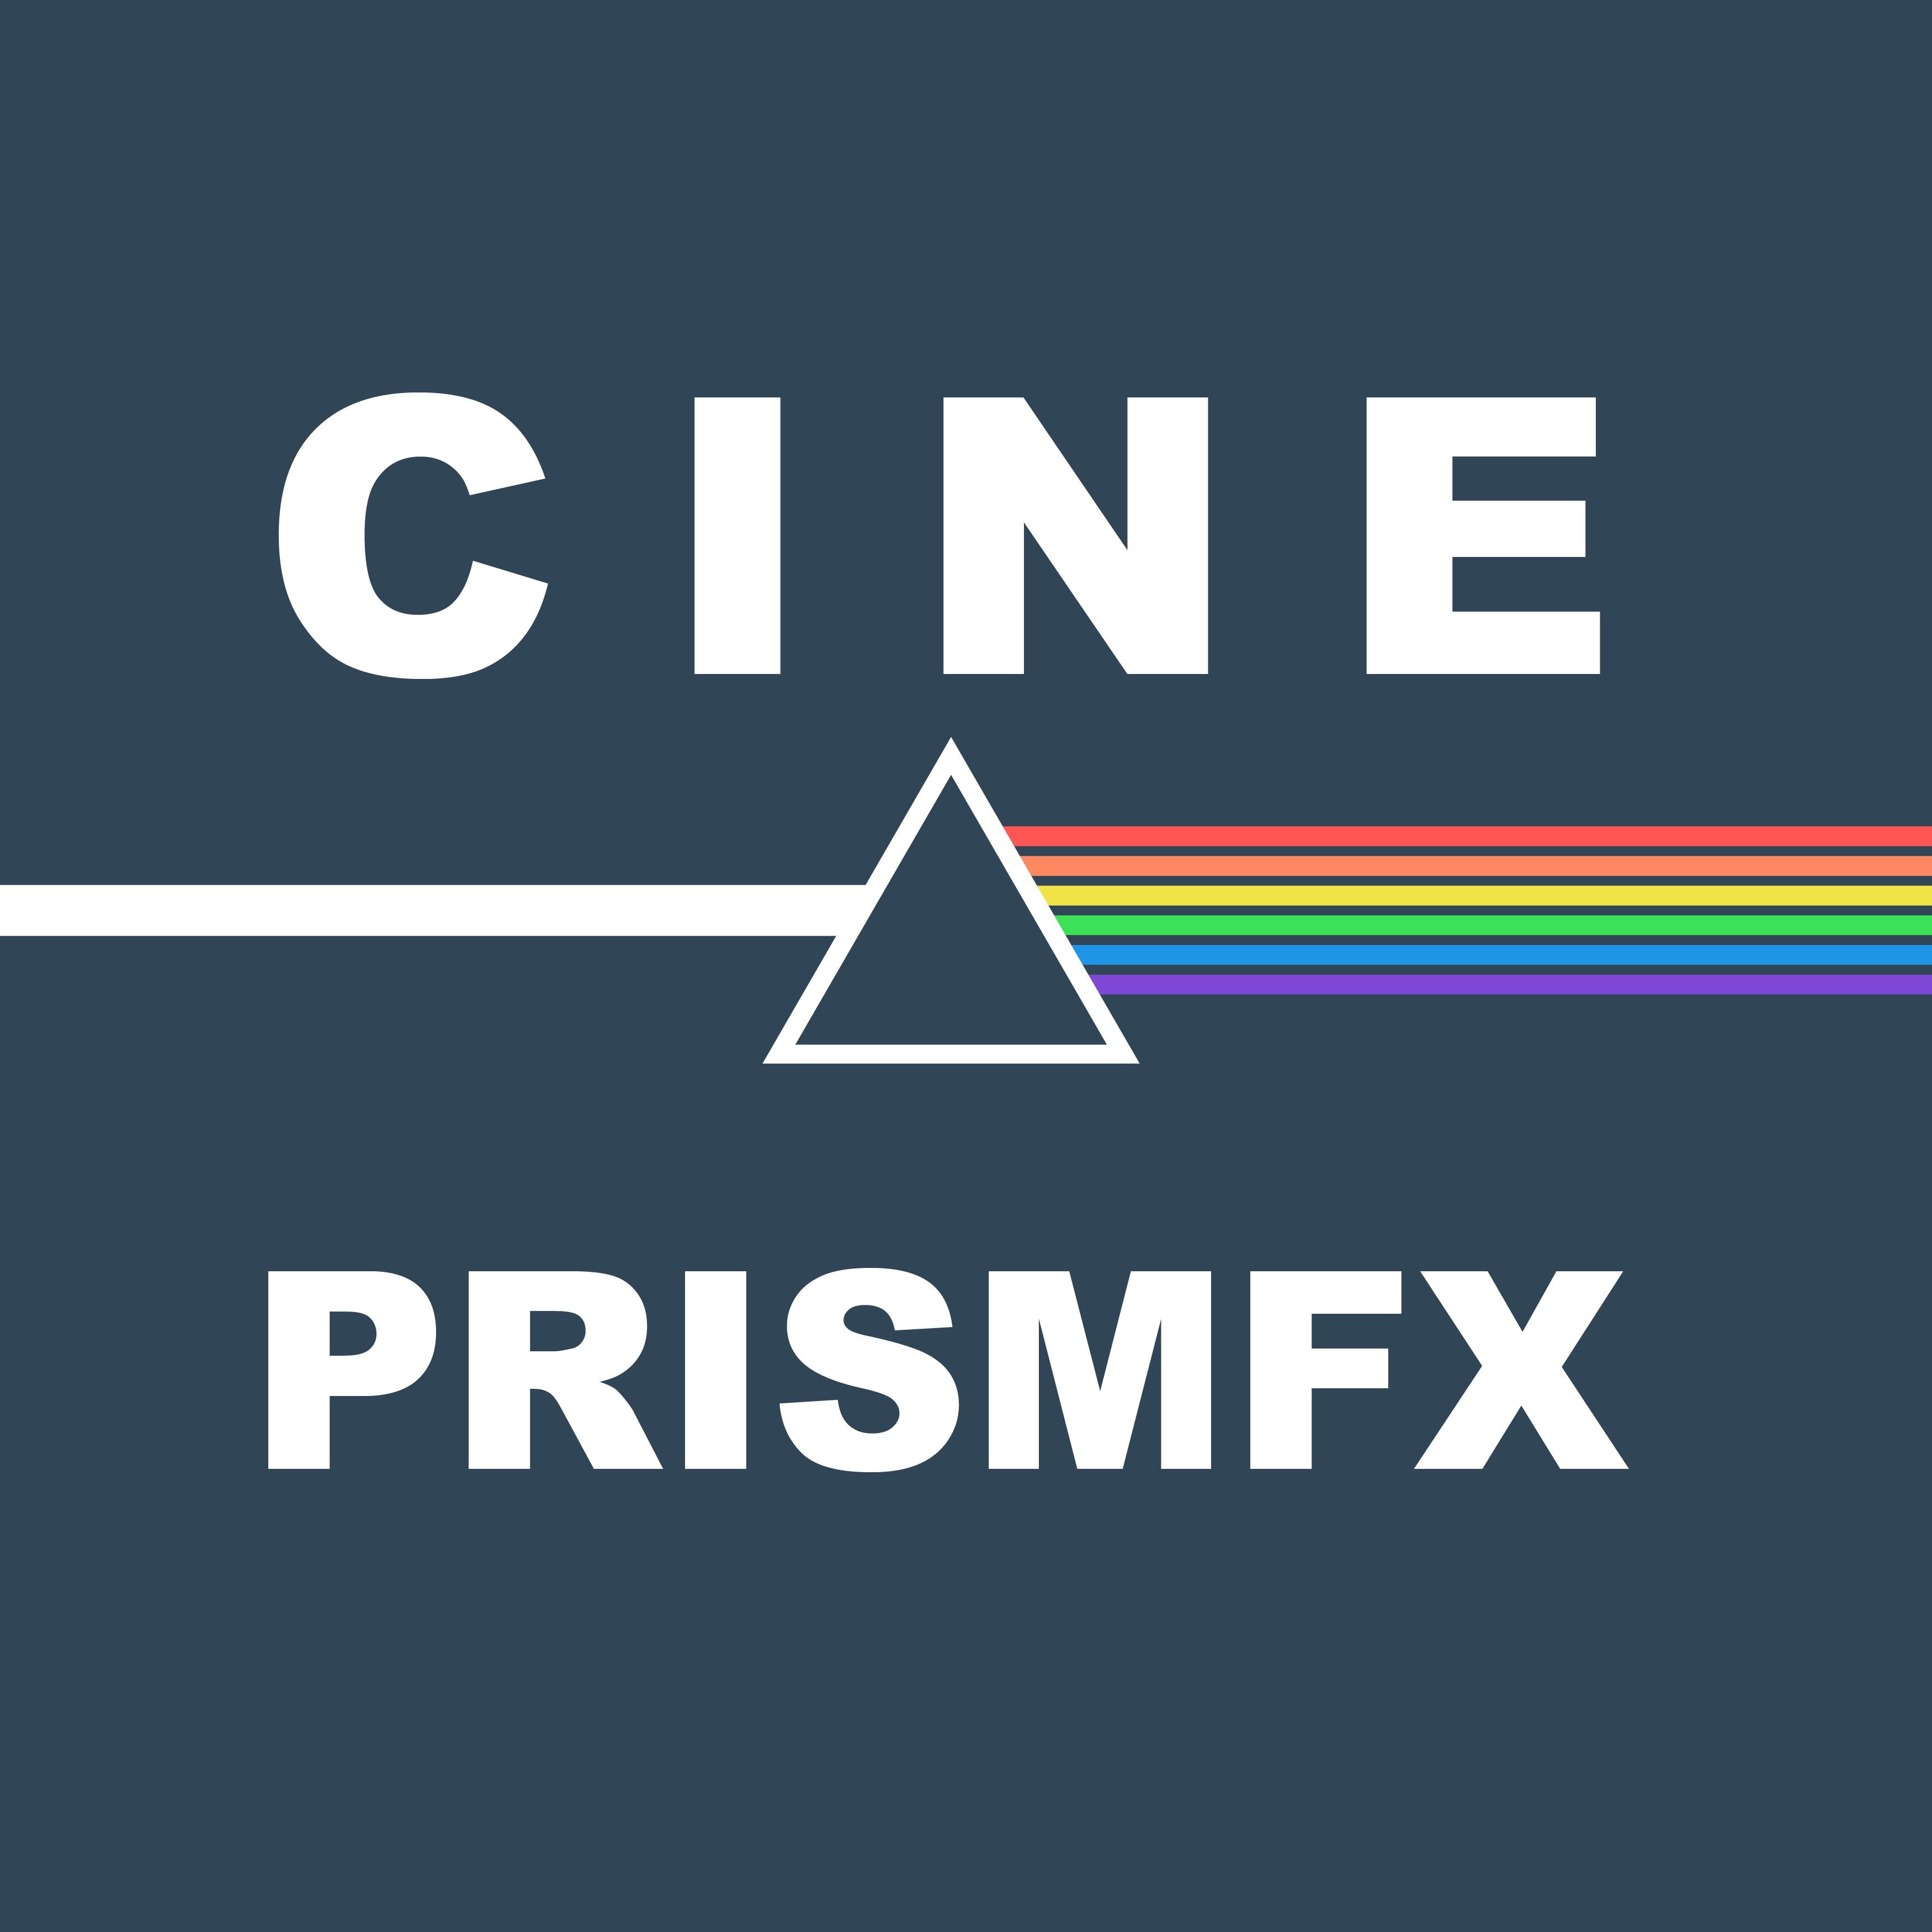 CinePrismFX